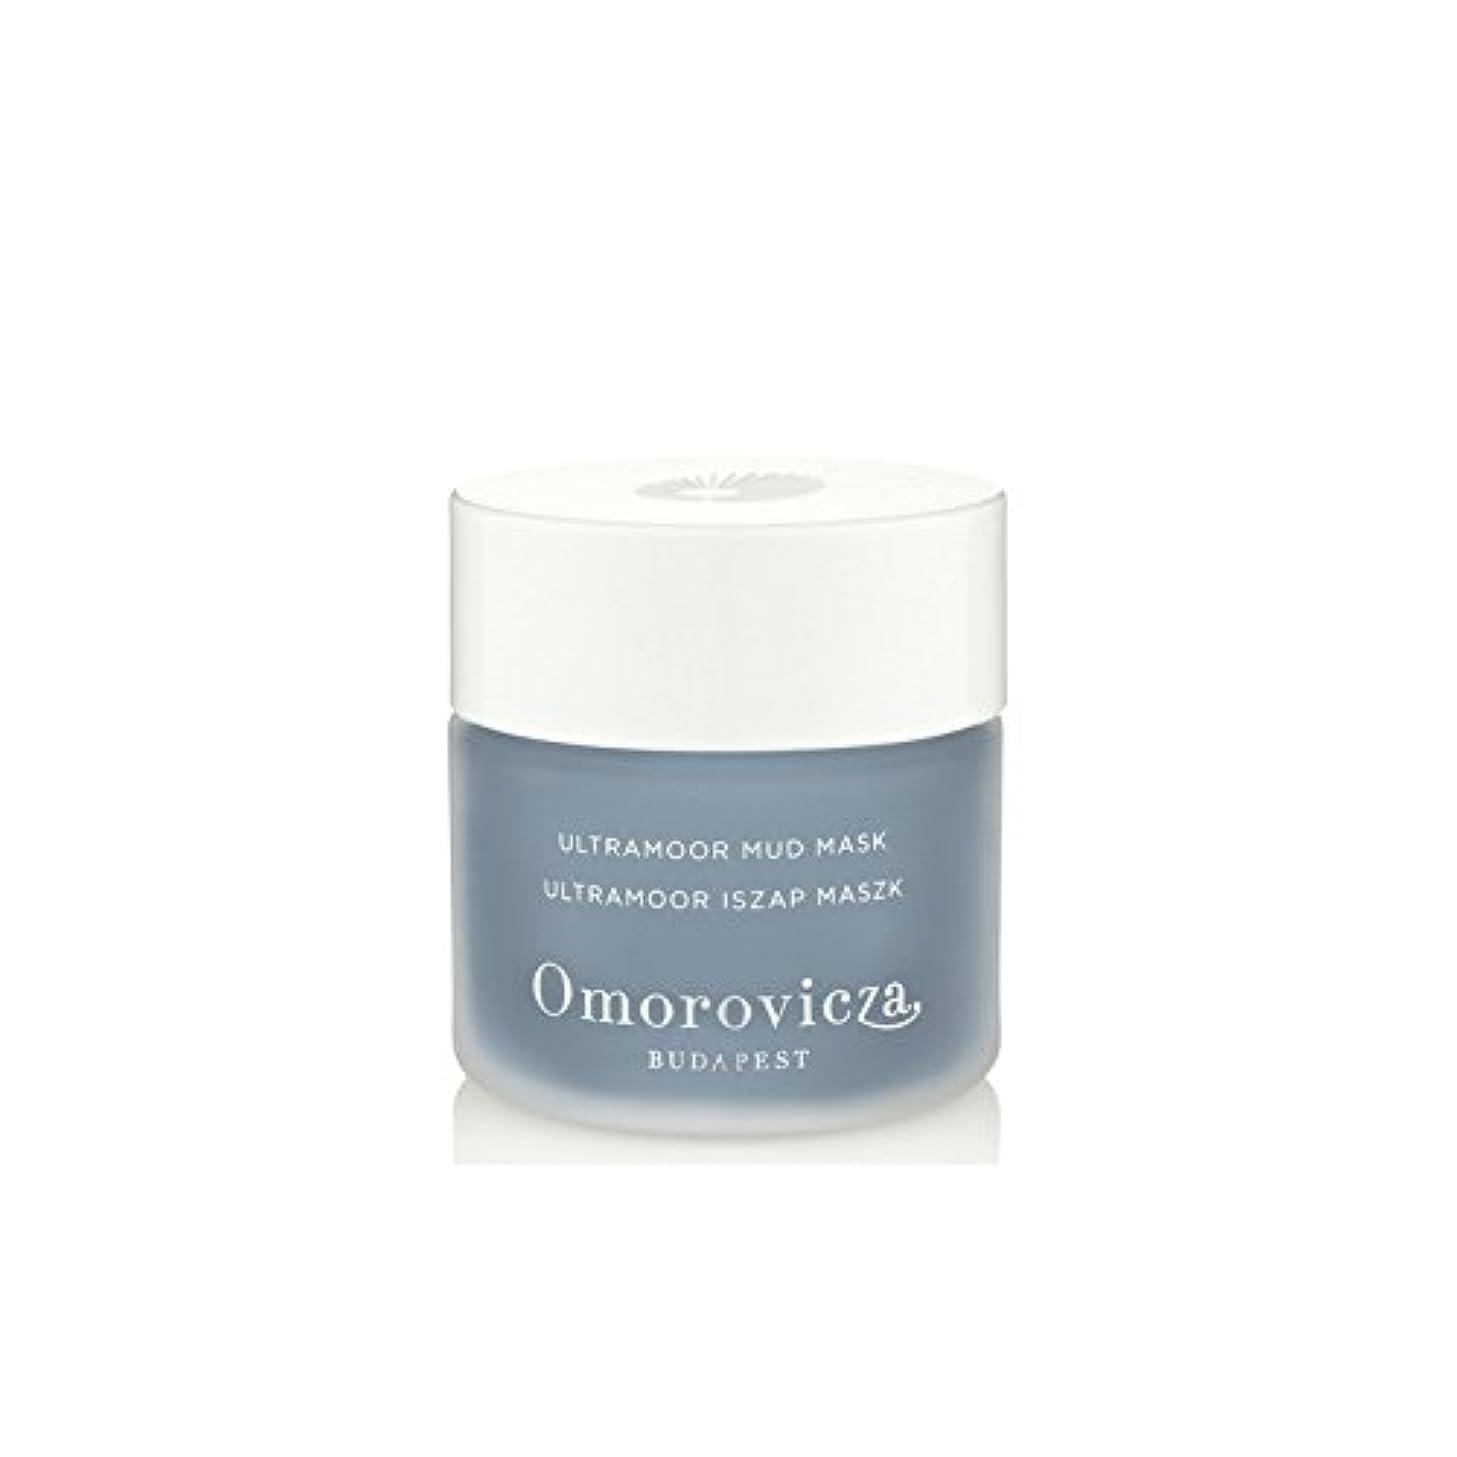 比類なきボット現金泥マスク(50ミリリットル) x4 - Omorovicza Ultramoor Mud Mask (50ml) (Pack of 4) [並行輸入品]